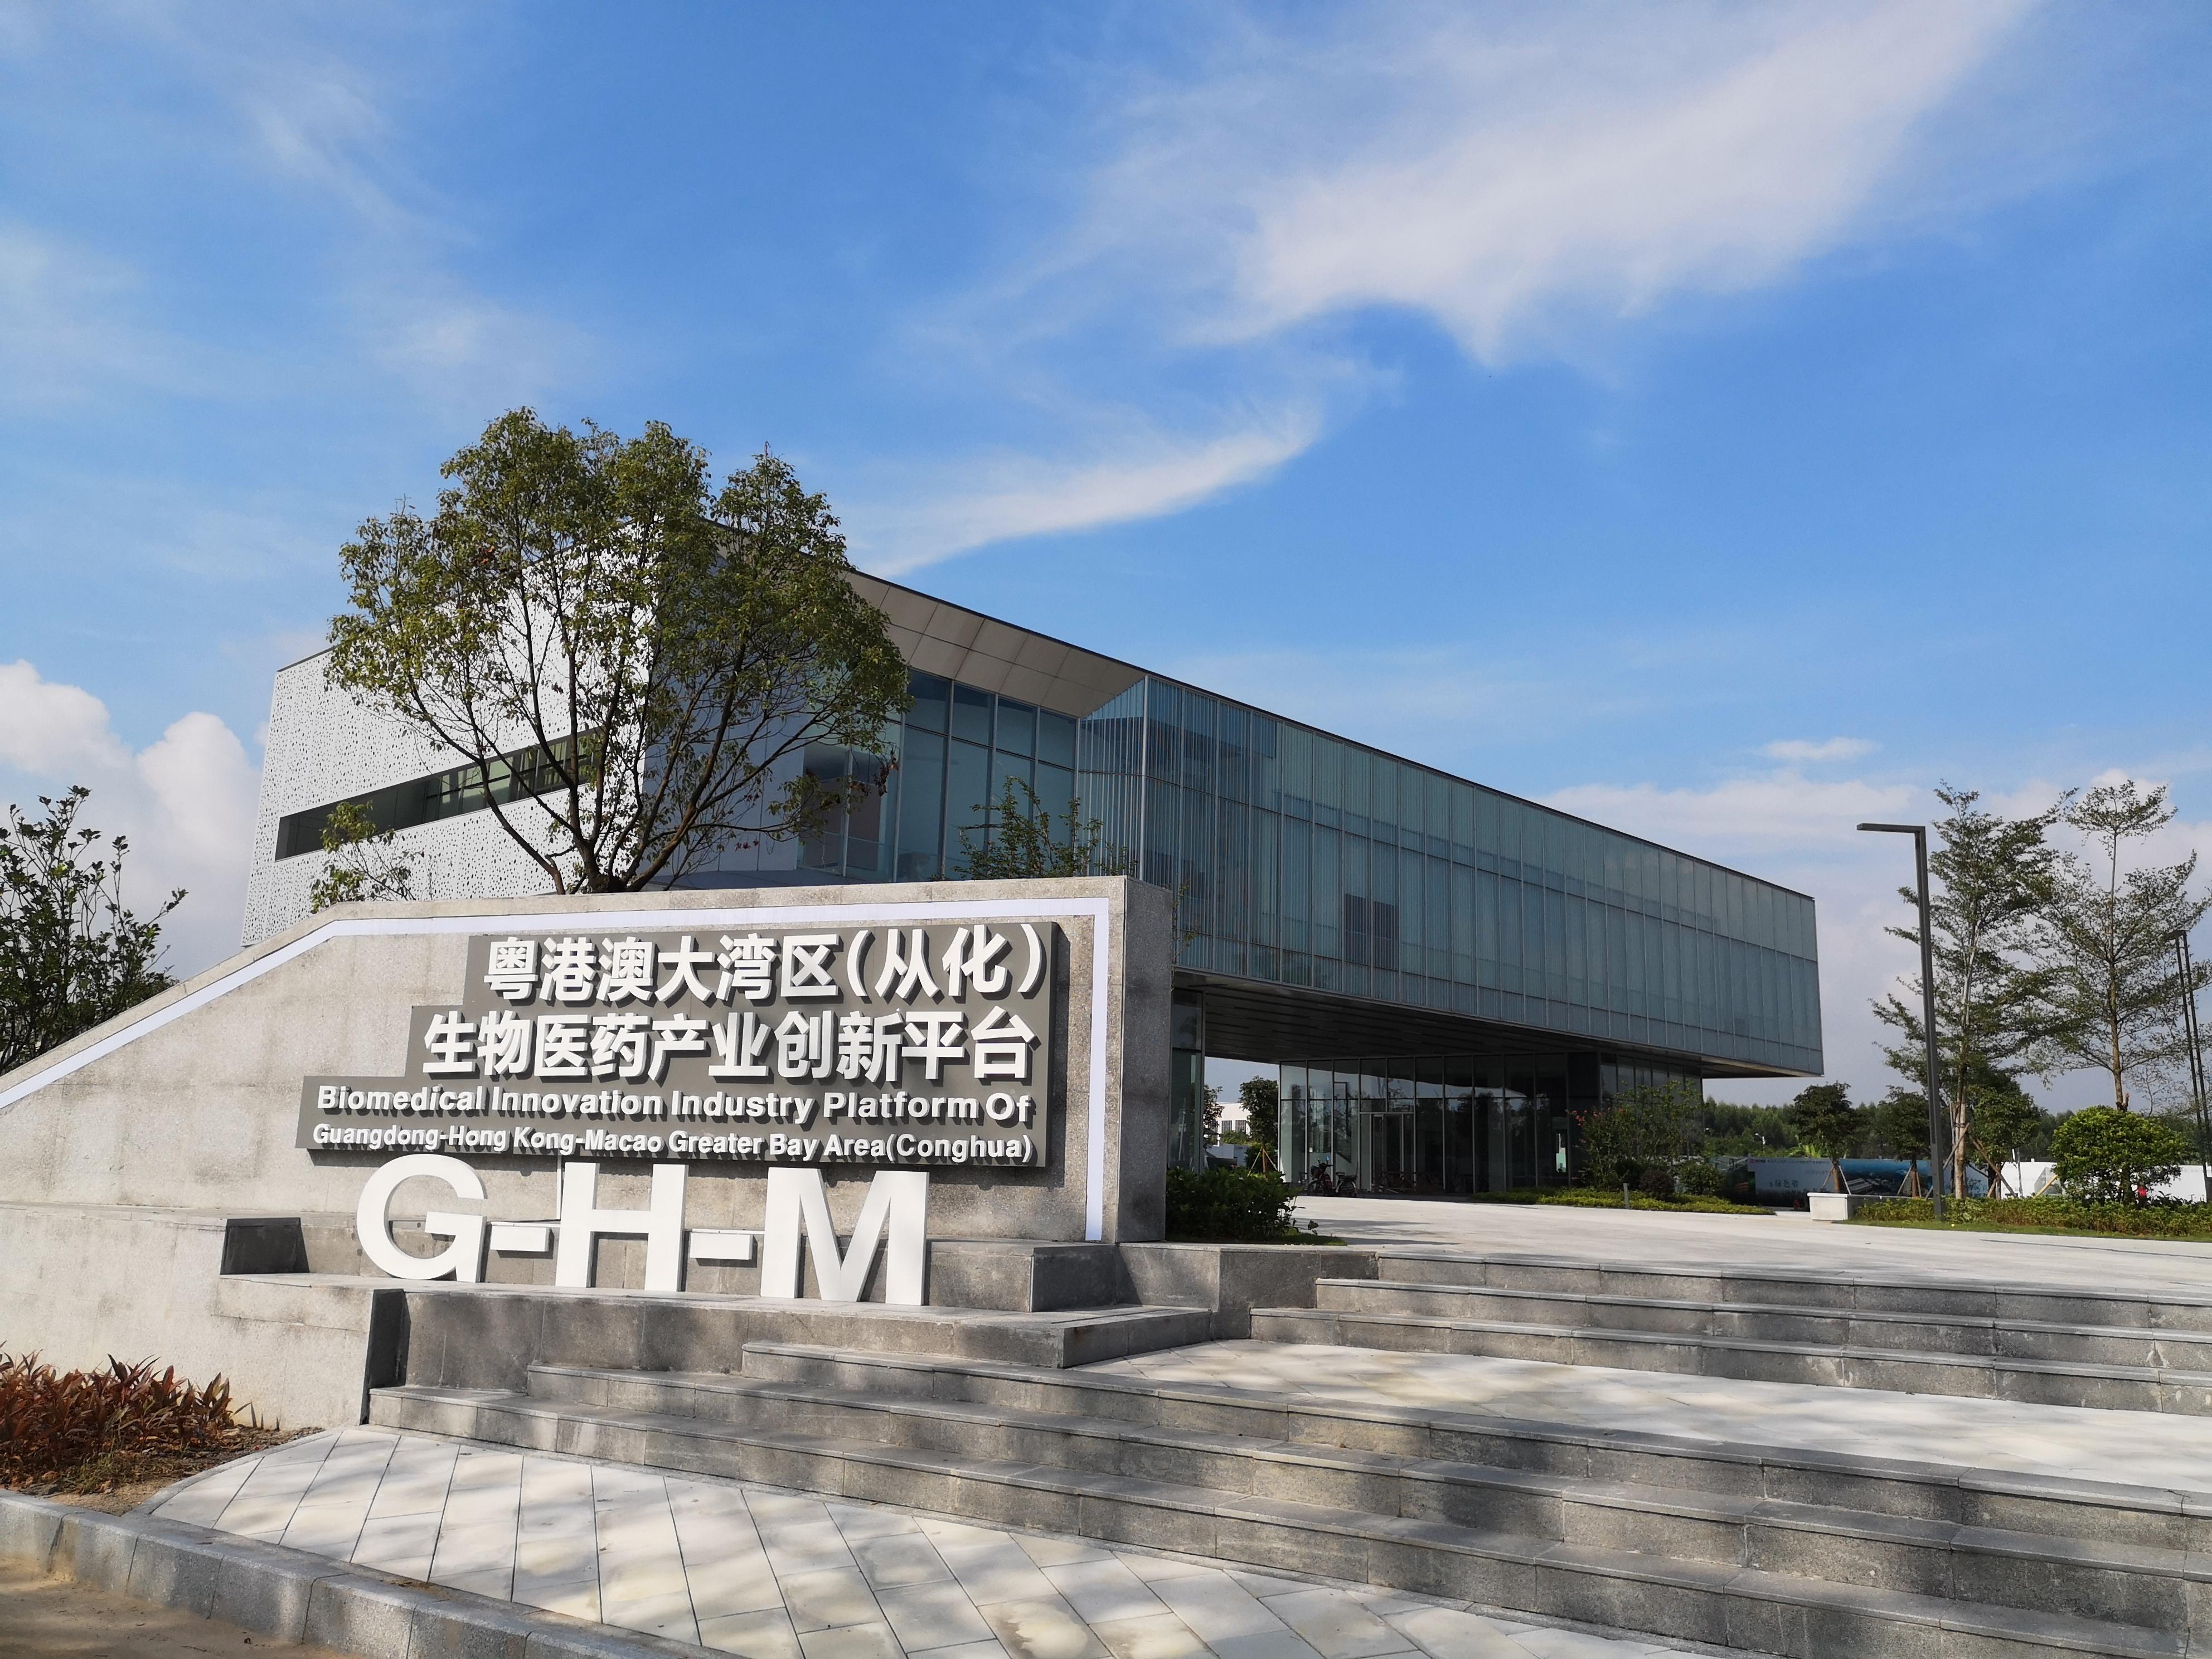 粤港澳大湾区(从化)生物医药产业创新平台